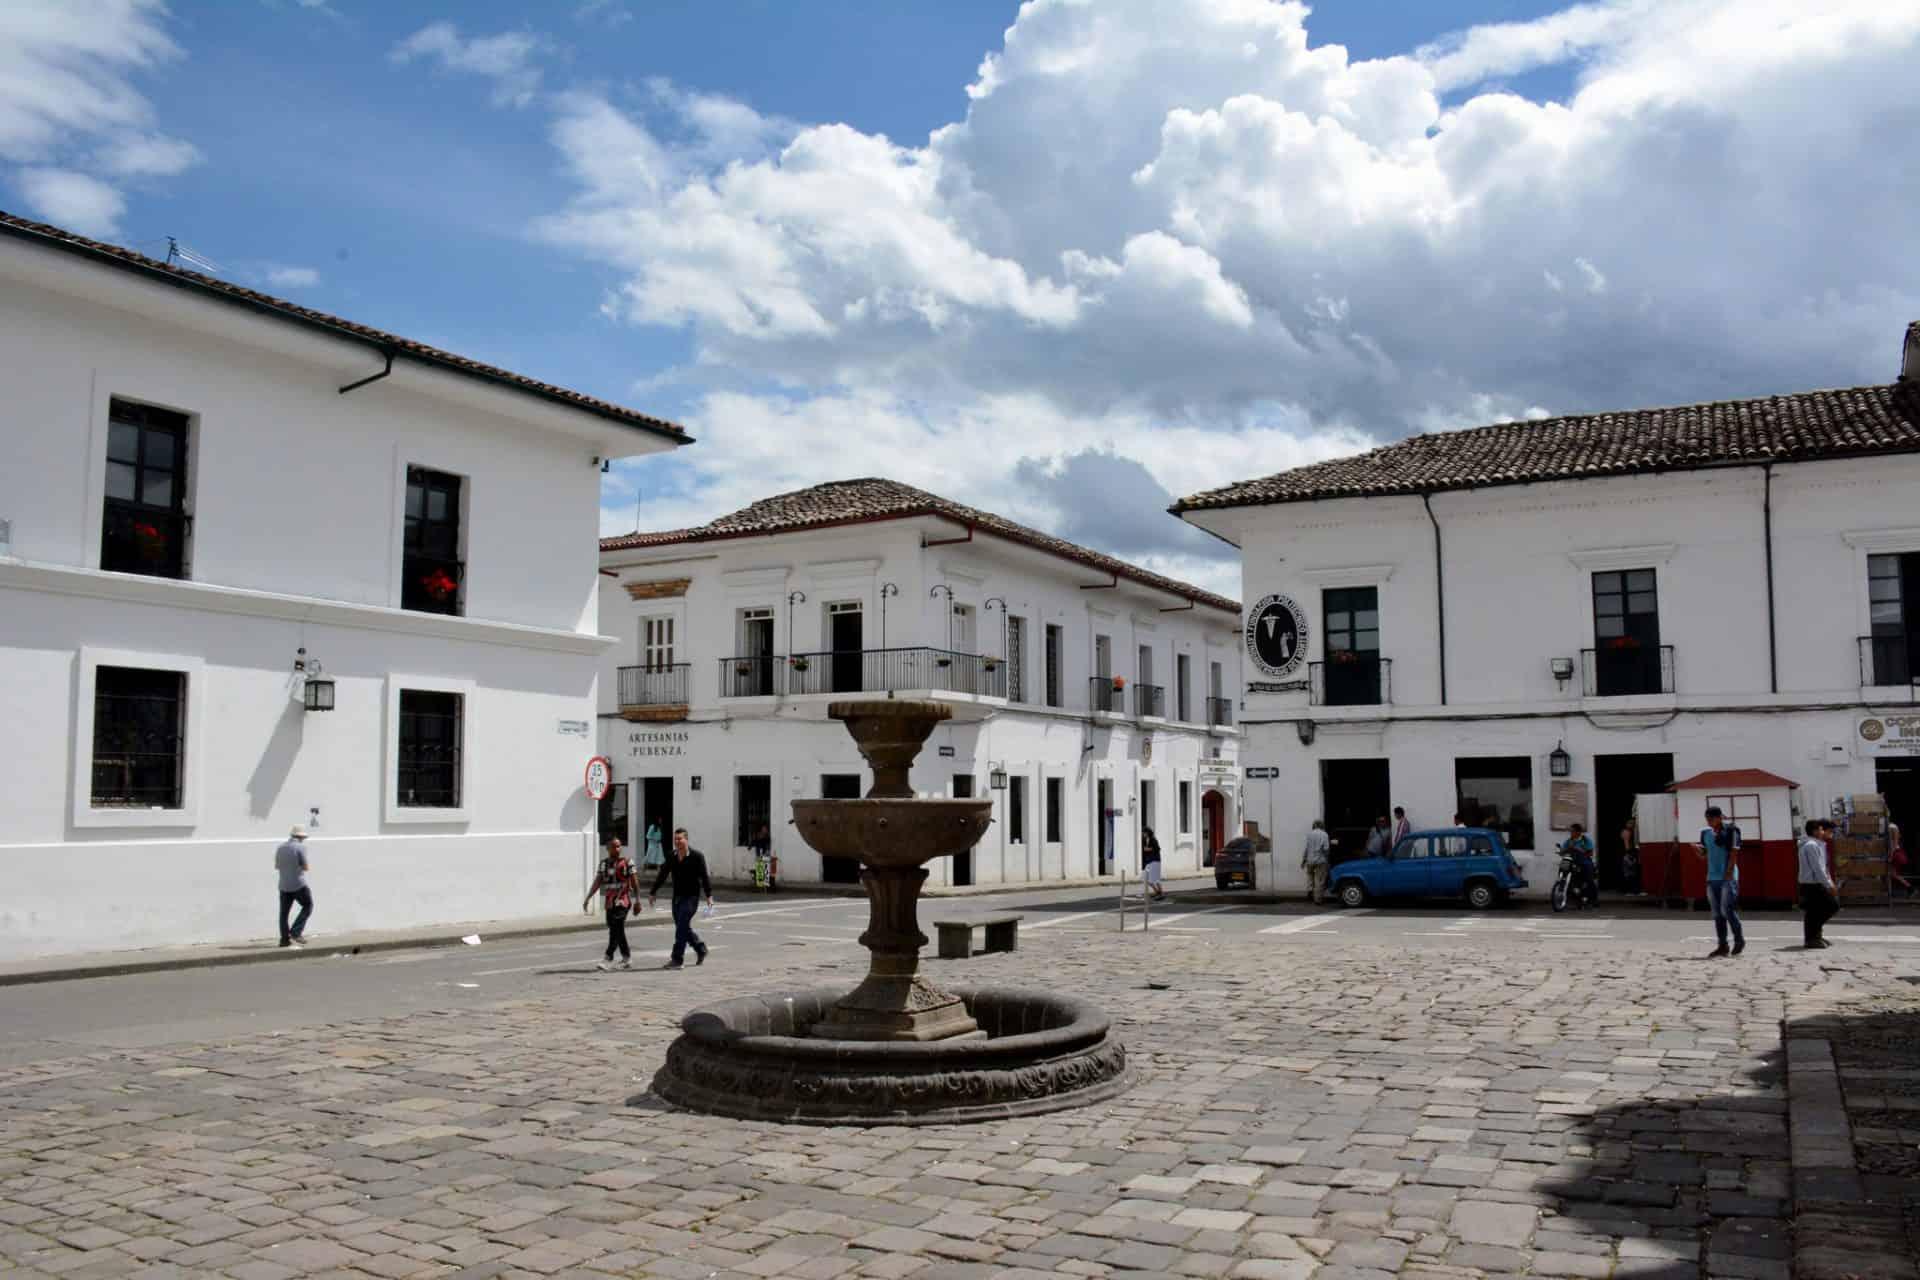 Pintada de branco, Popayán é uma cidade diferente na Colômbia